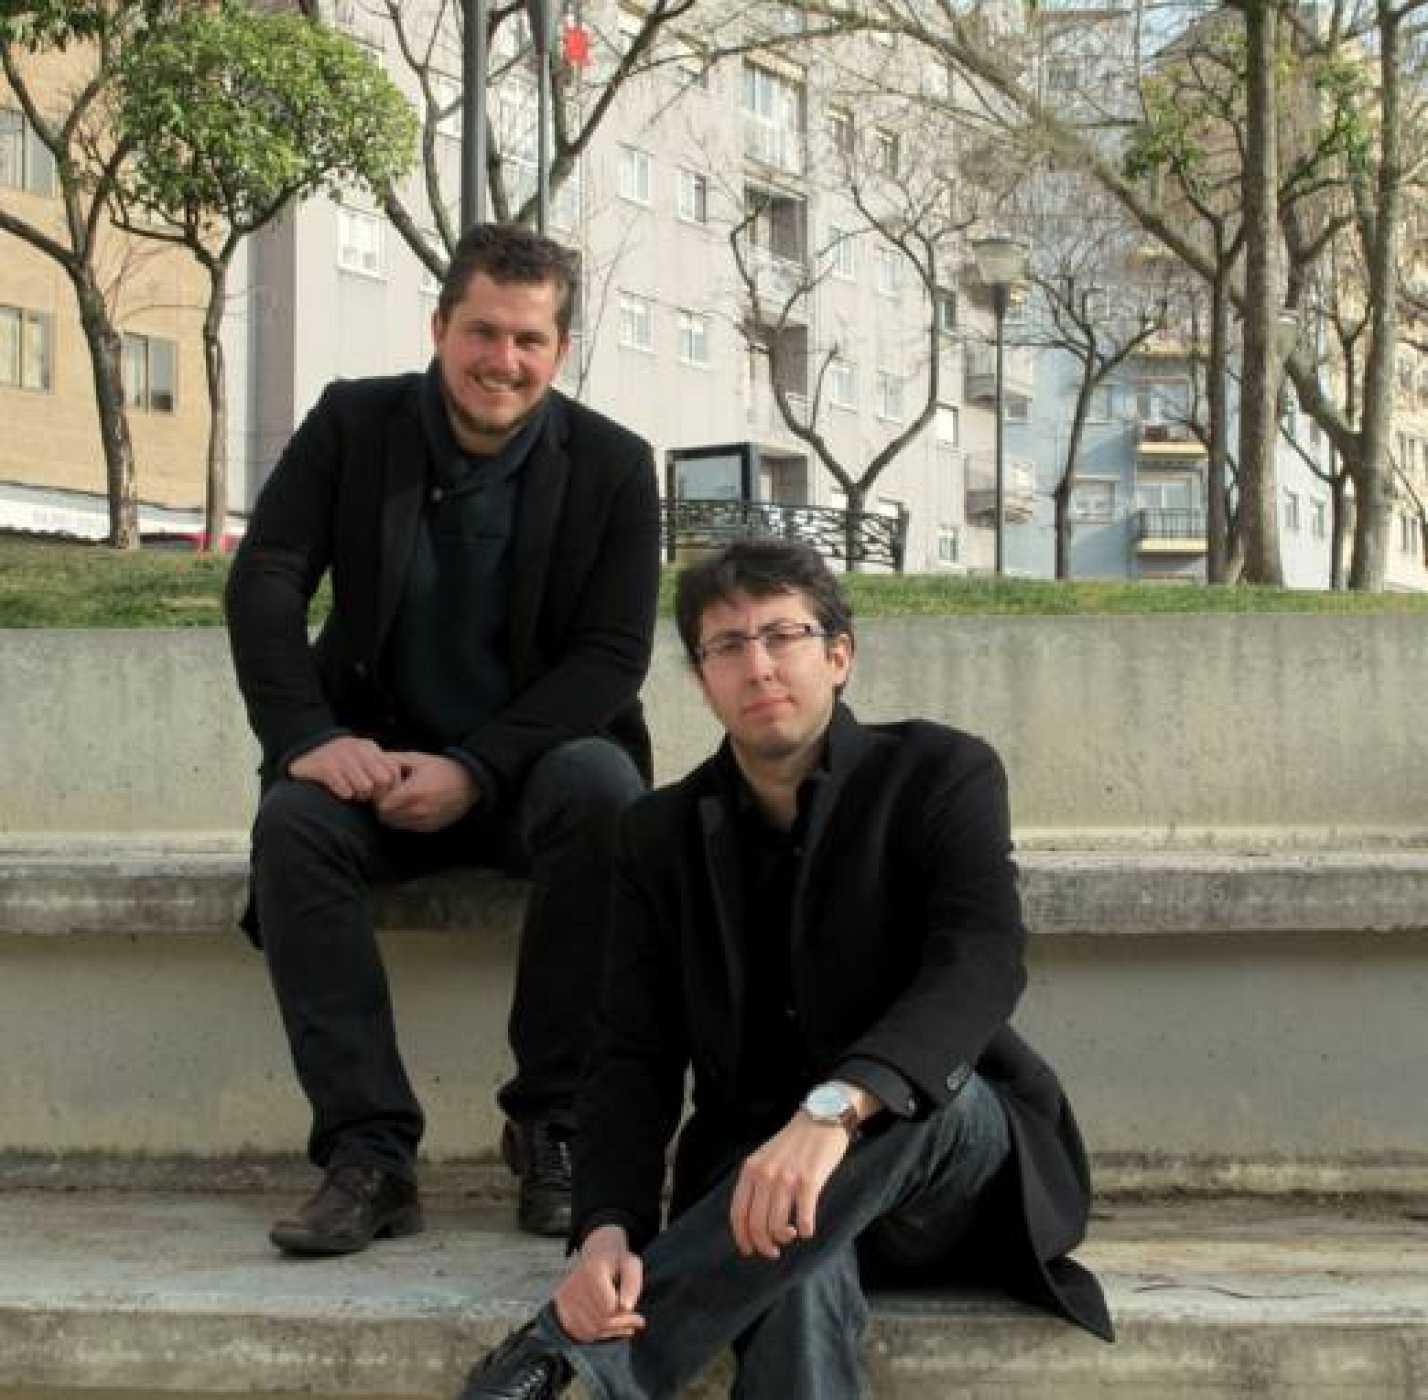 Ganadores IV Premio Poesía Joven RNE, Ben Clark y Andrés Catalán